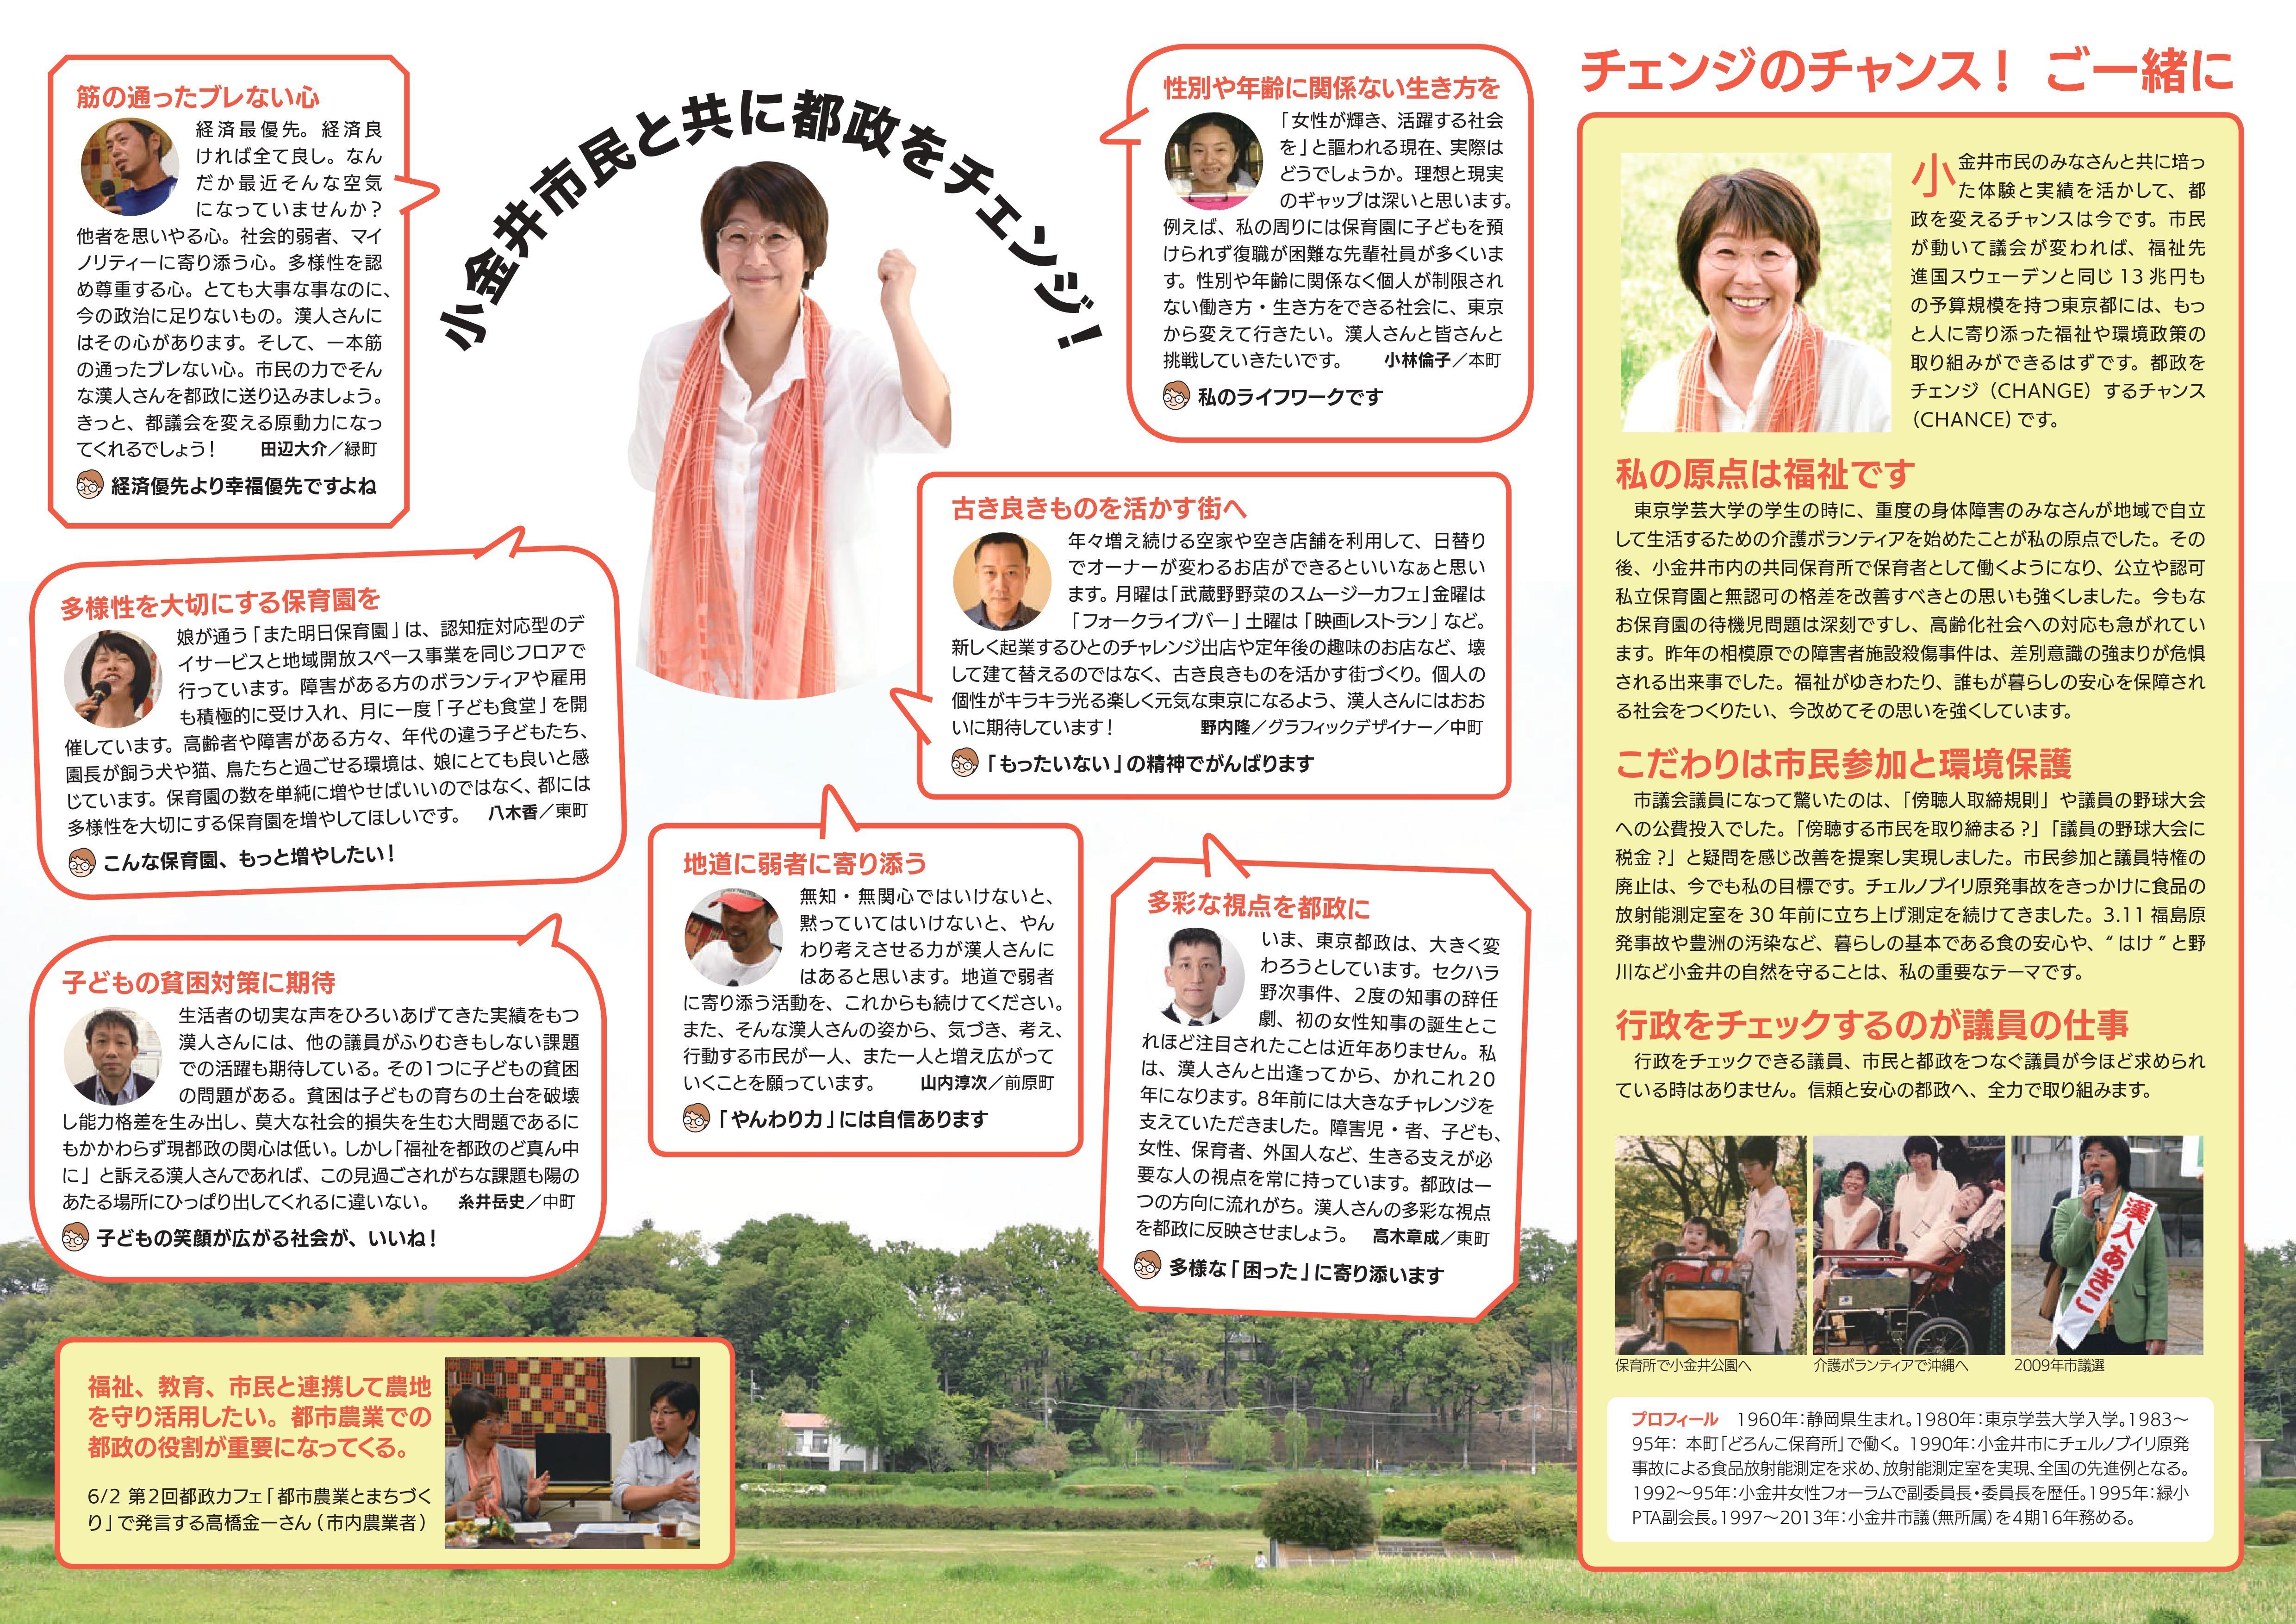 チェンジ東京!小金井の会ニュース 5号-裏